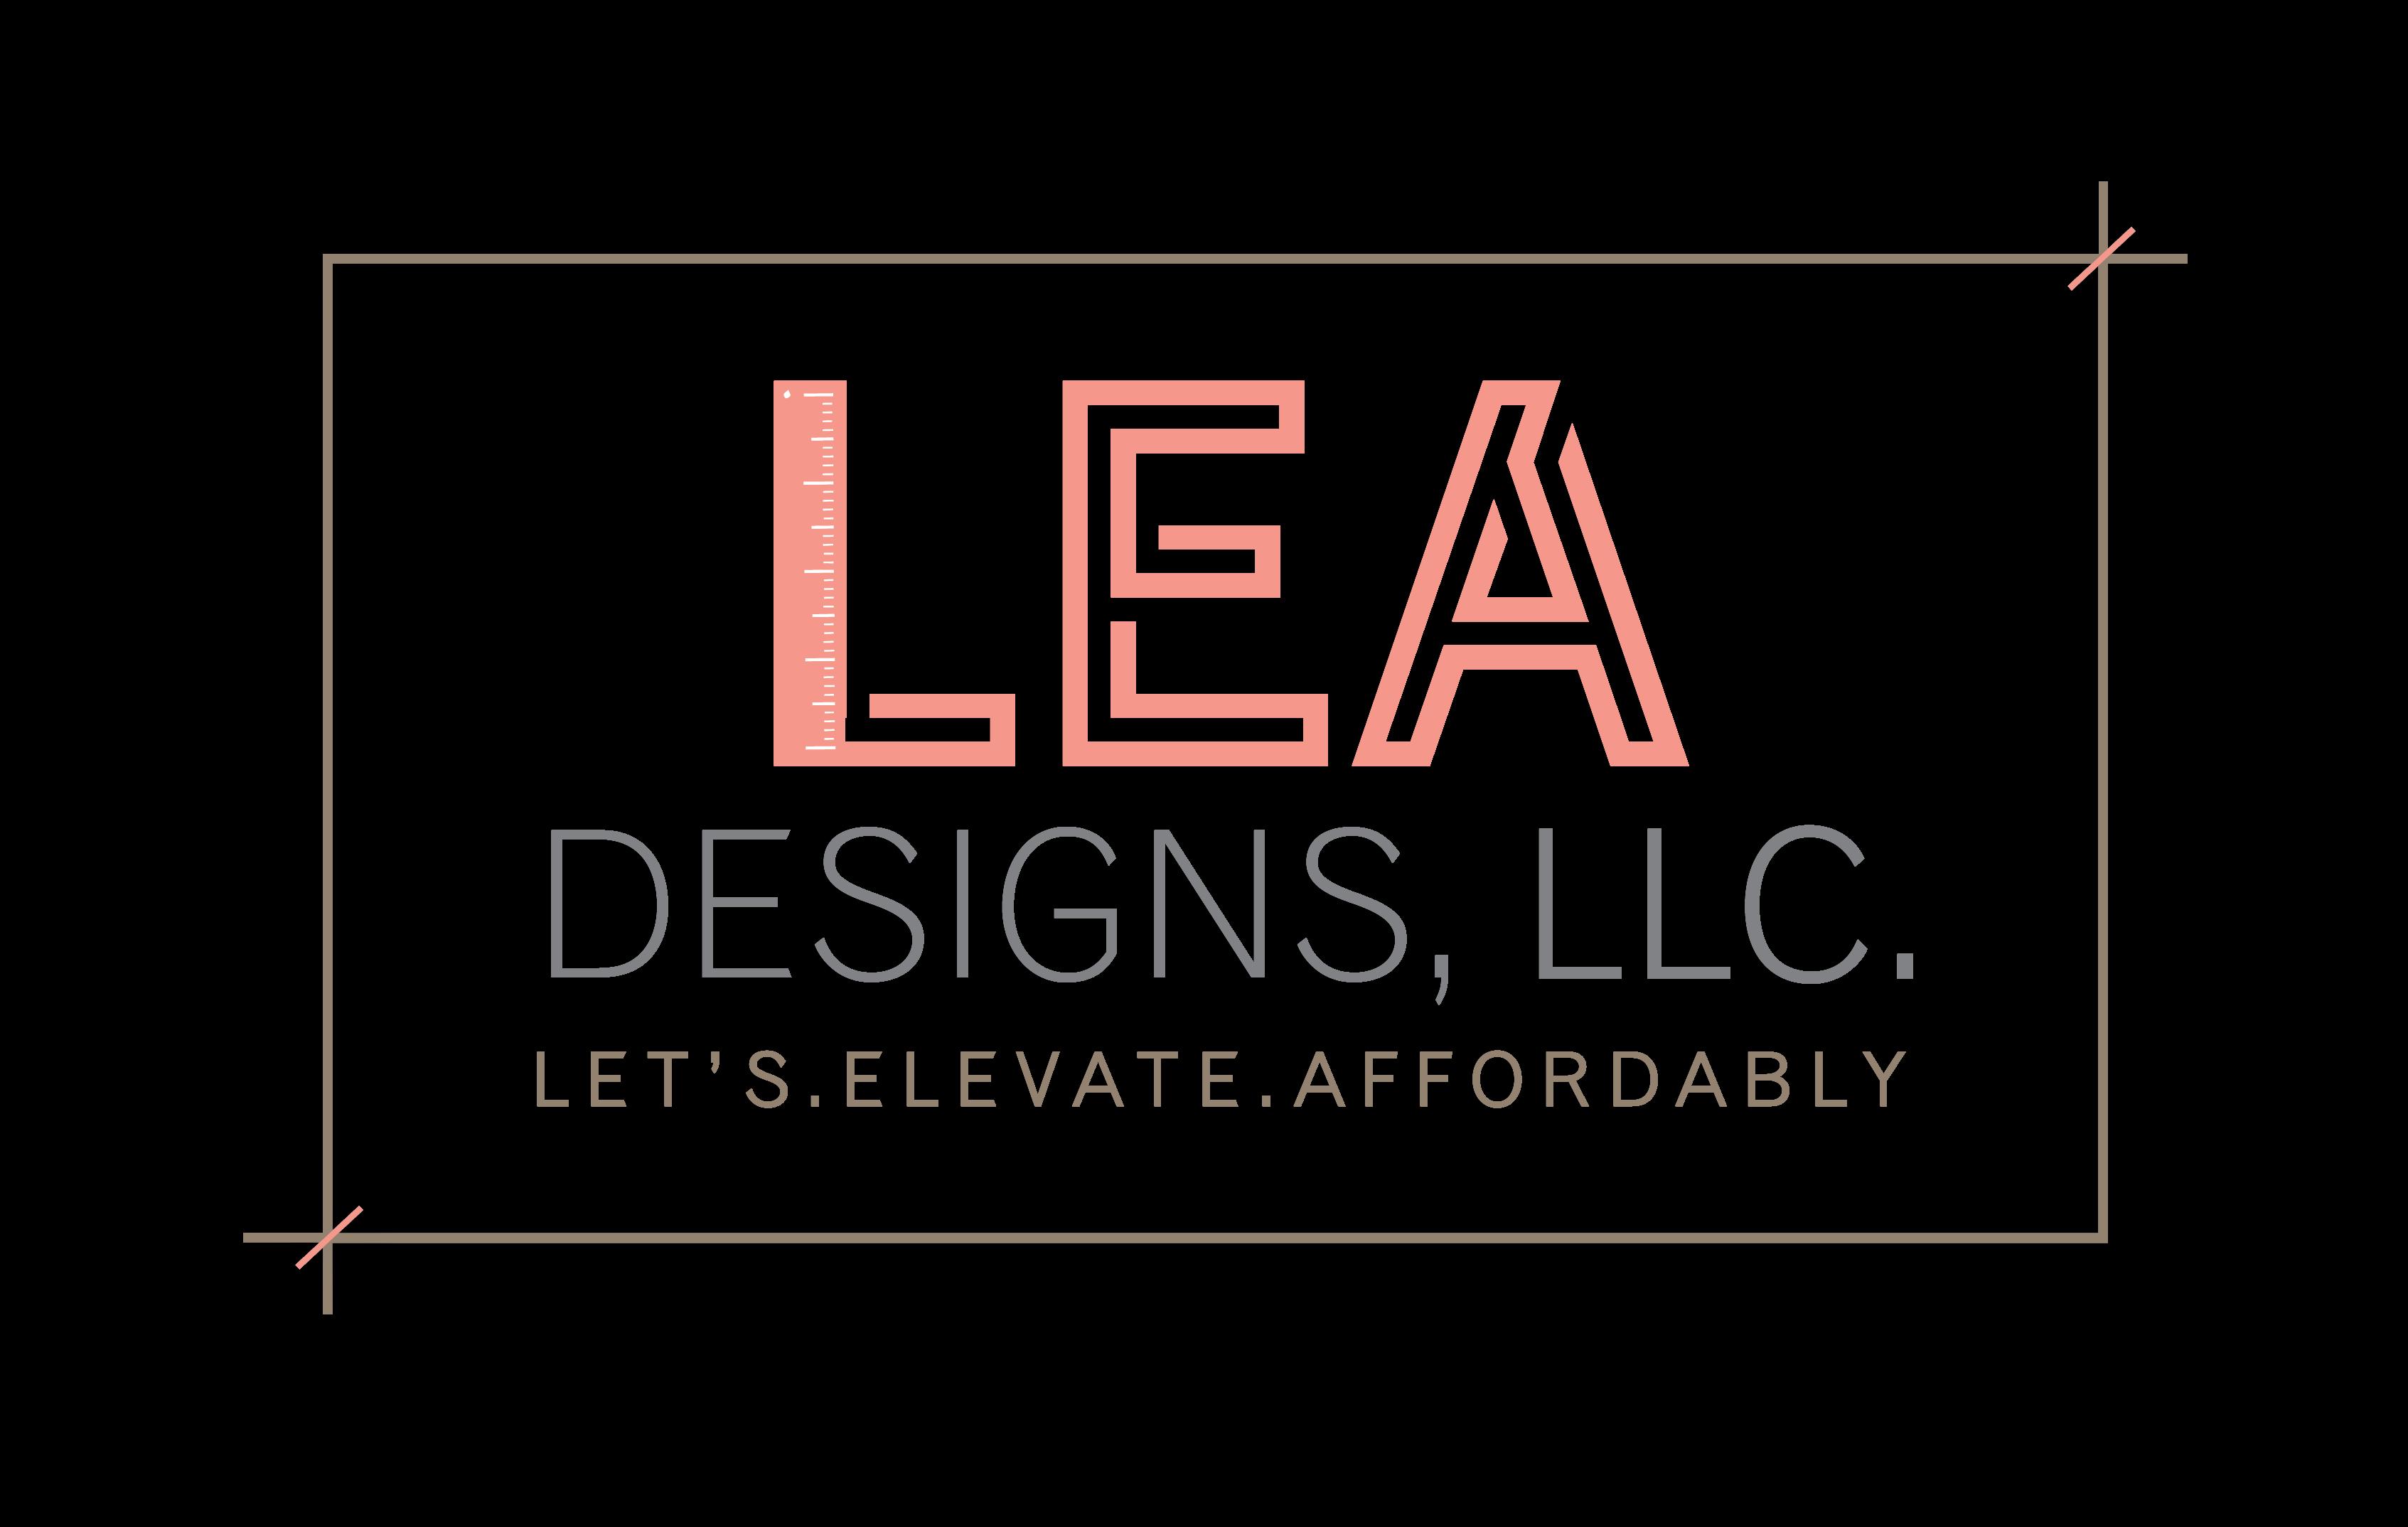 LEA Designs